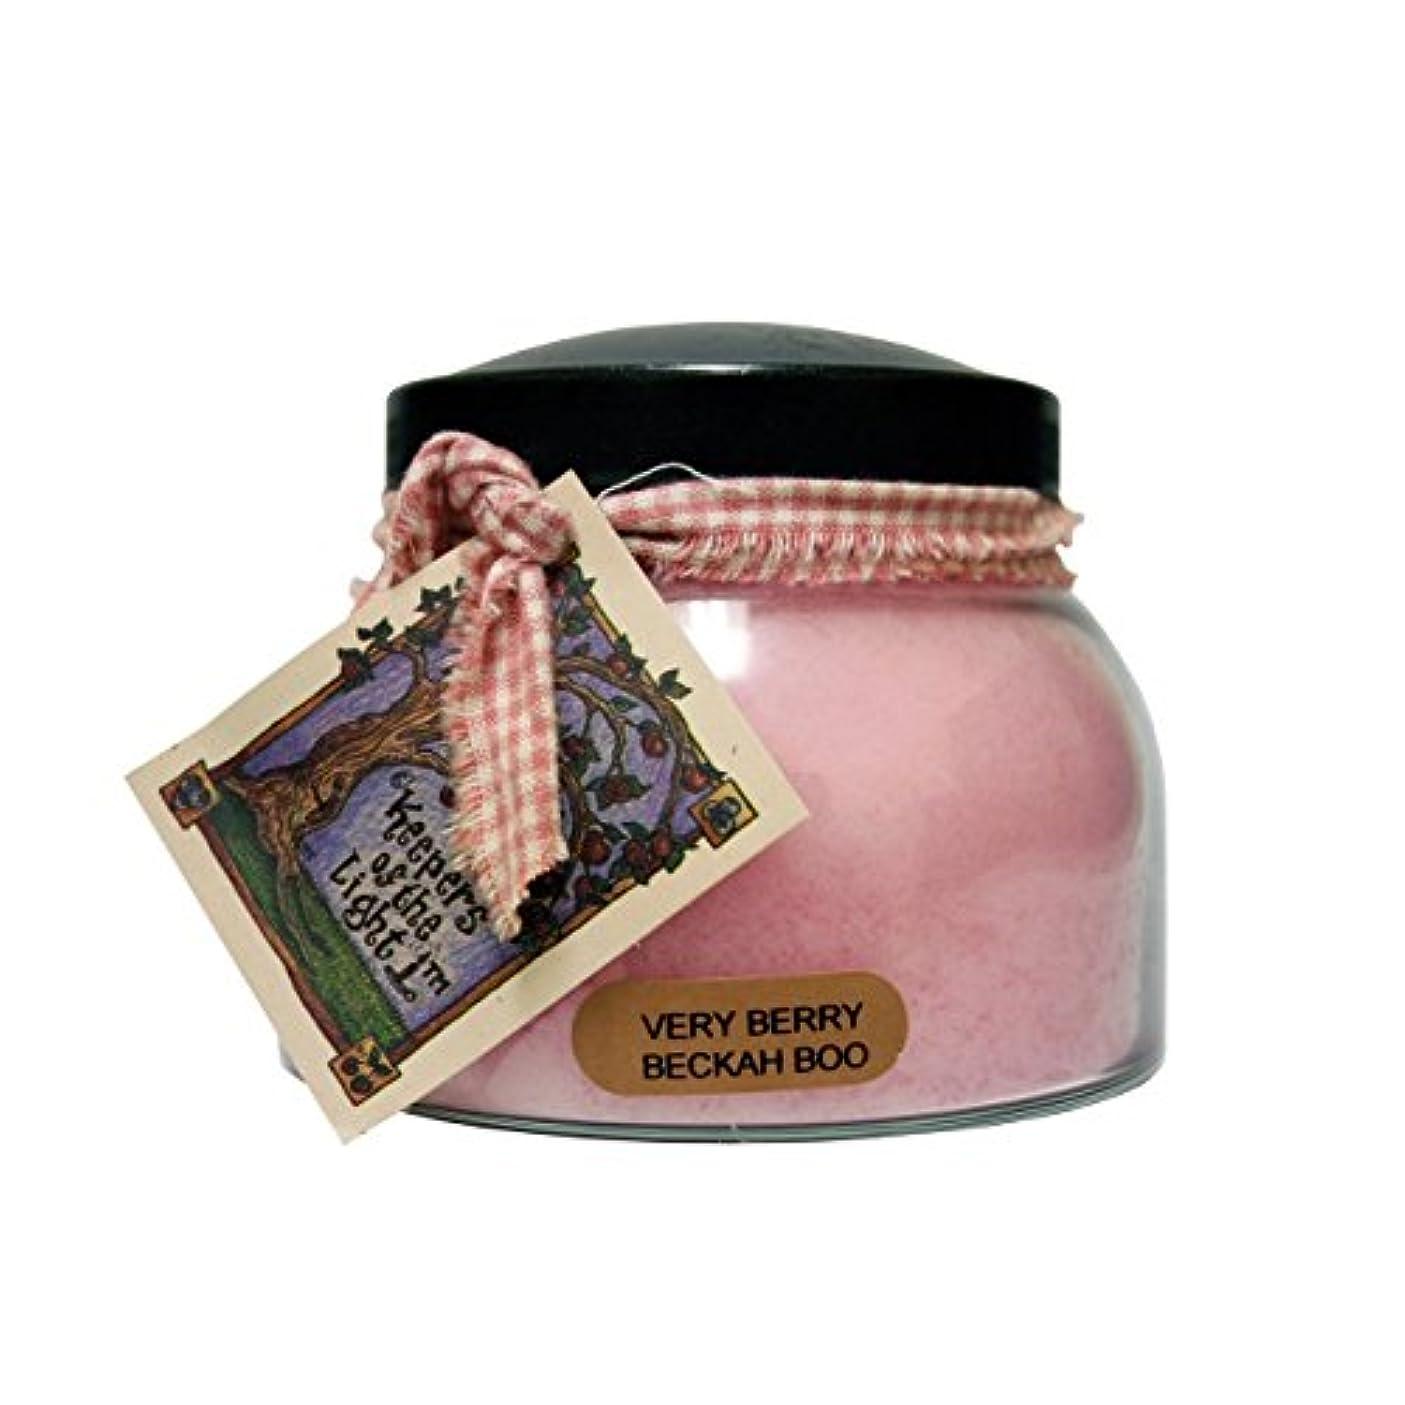 起きろ説教するについてA Cheerful Giver Very Berry Beckah Boo Mama Jar Candle, 22-Ounce [並行輸入品]